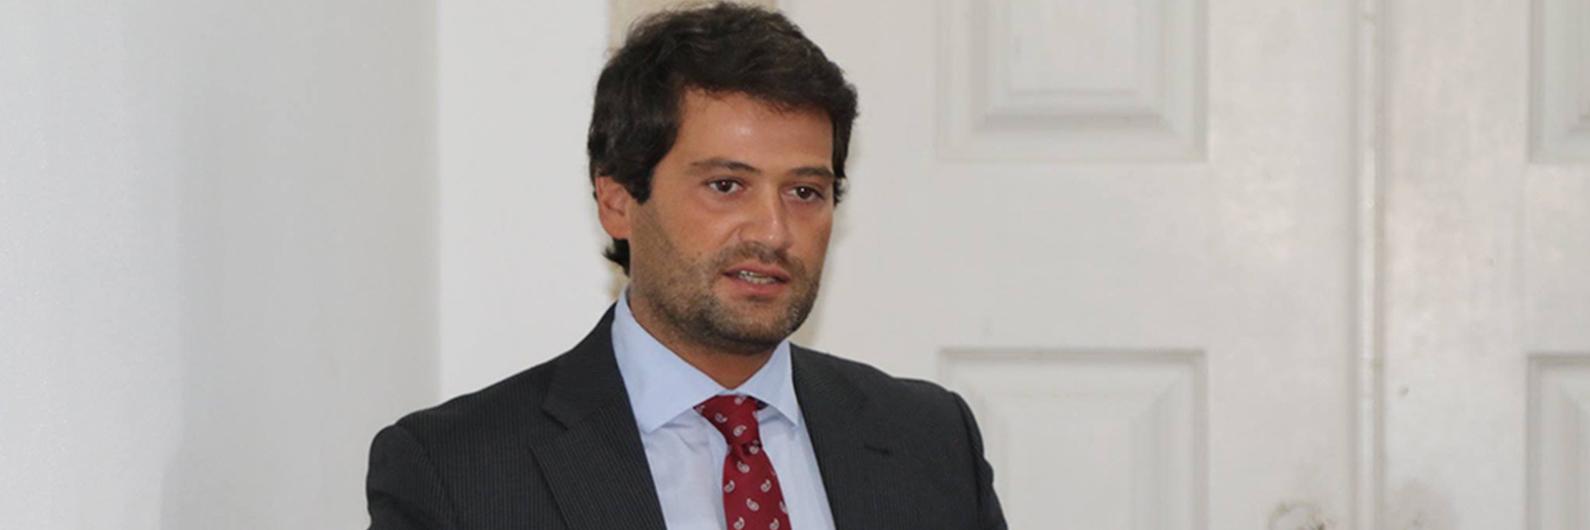 """José Pinto-Coelho convida André Ventura: """"Venha para o PNR e será livre"""""""